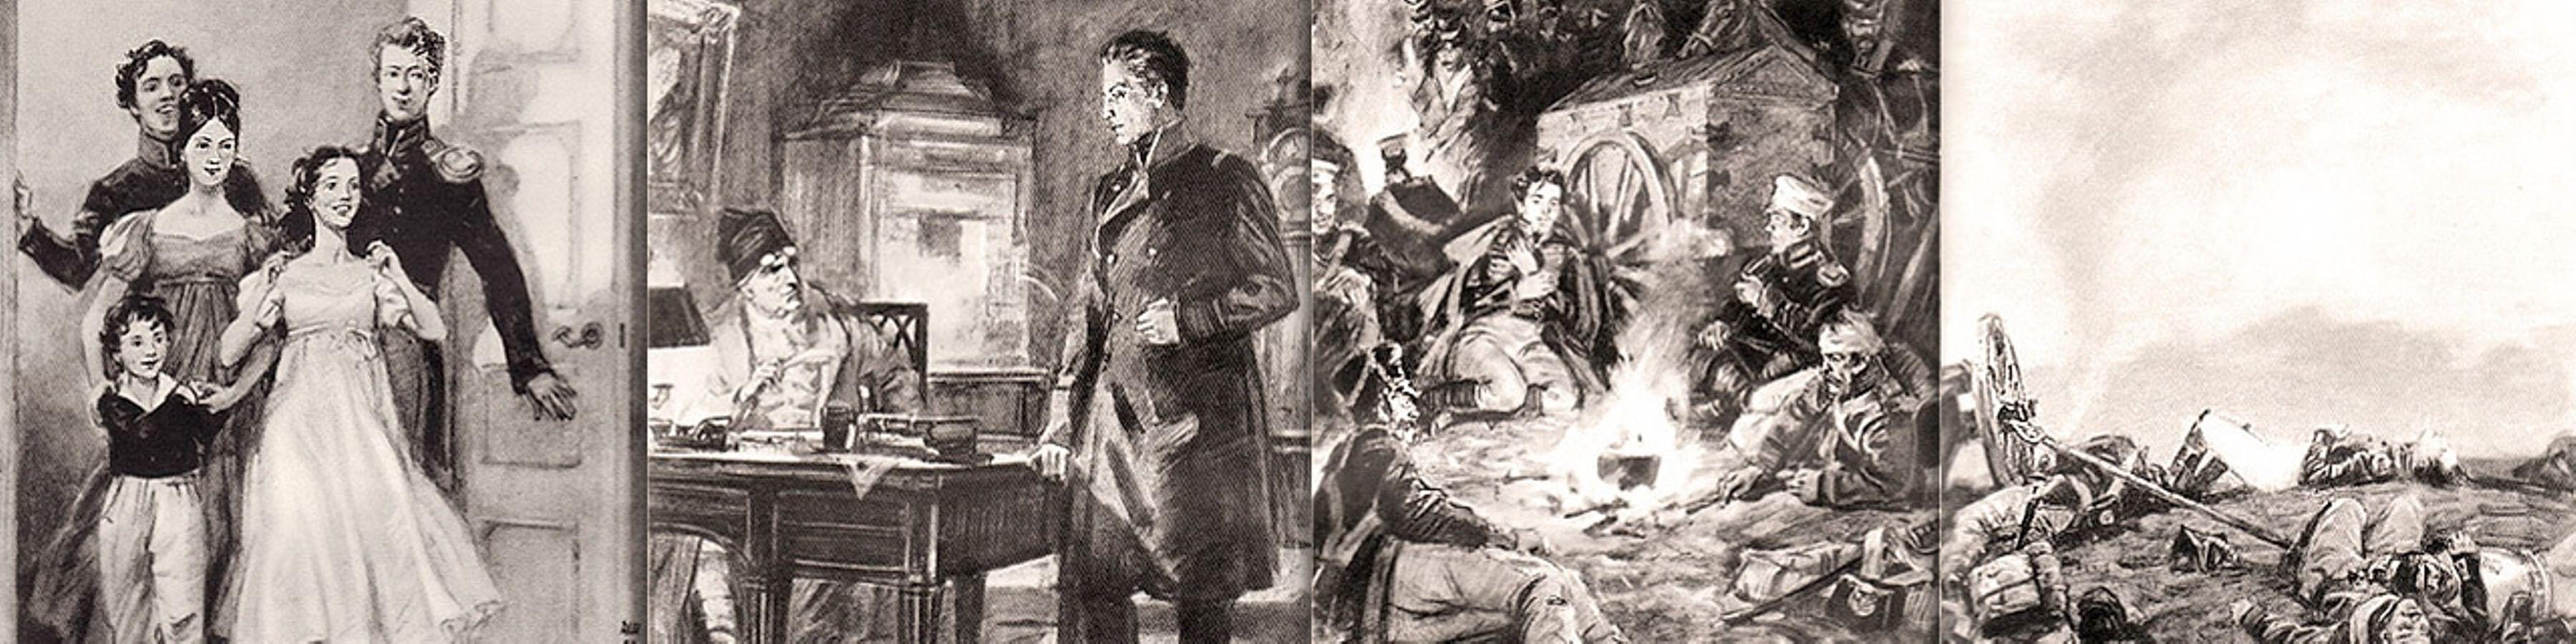 Иллюстрации к роману «Война и мир»